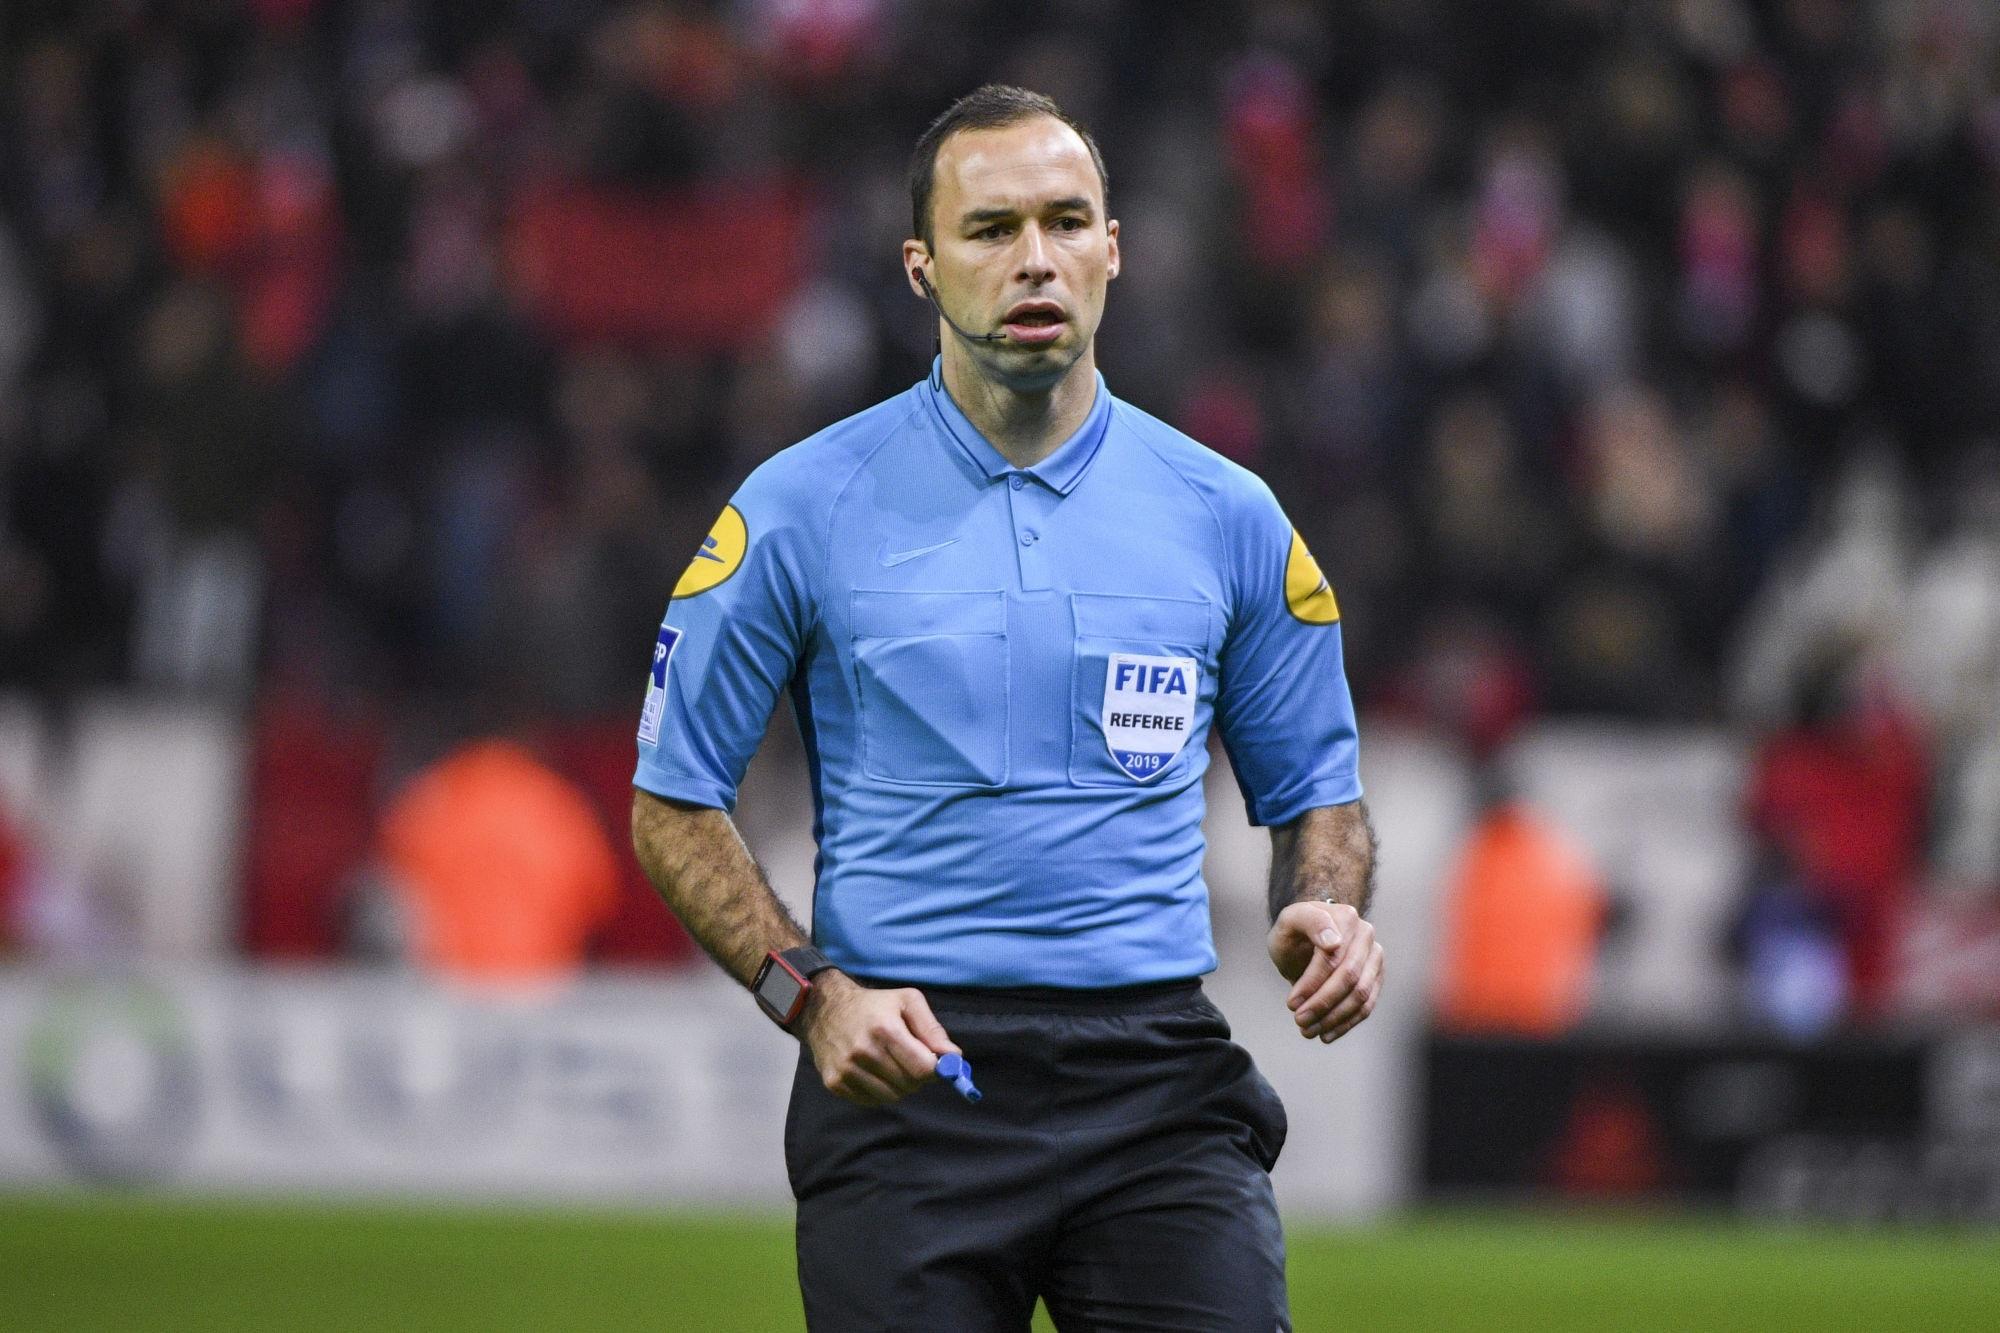 PSG/OM - L'arbitre de la rencontre a été désigné, un peu de jaune et des penaltys